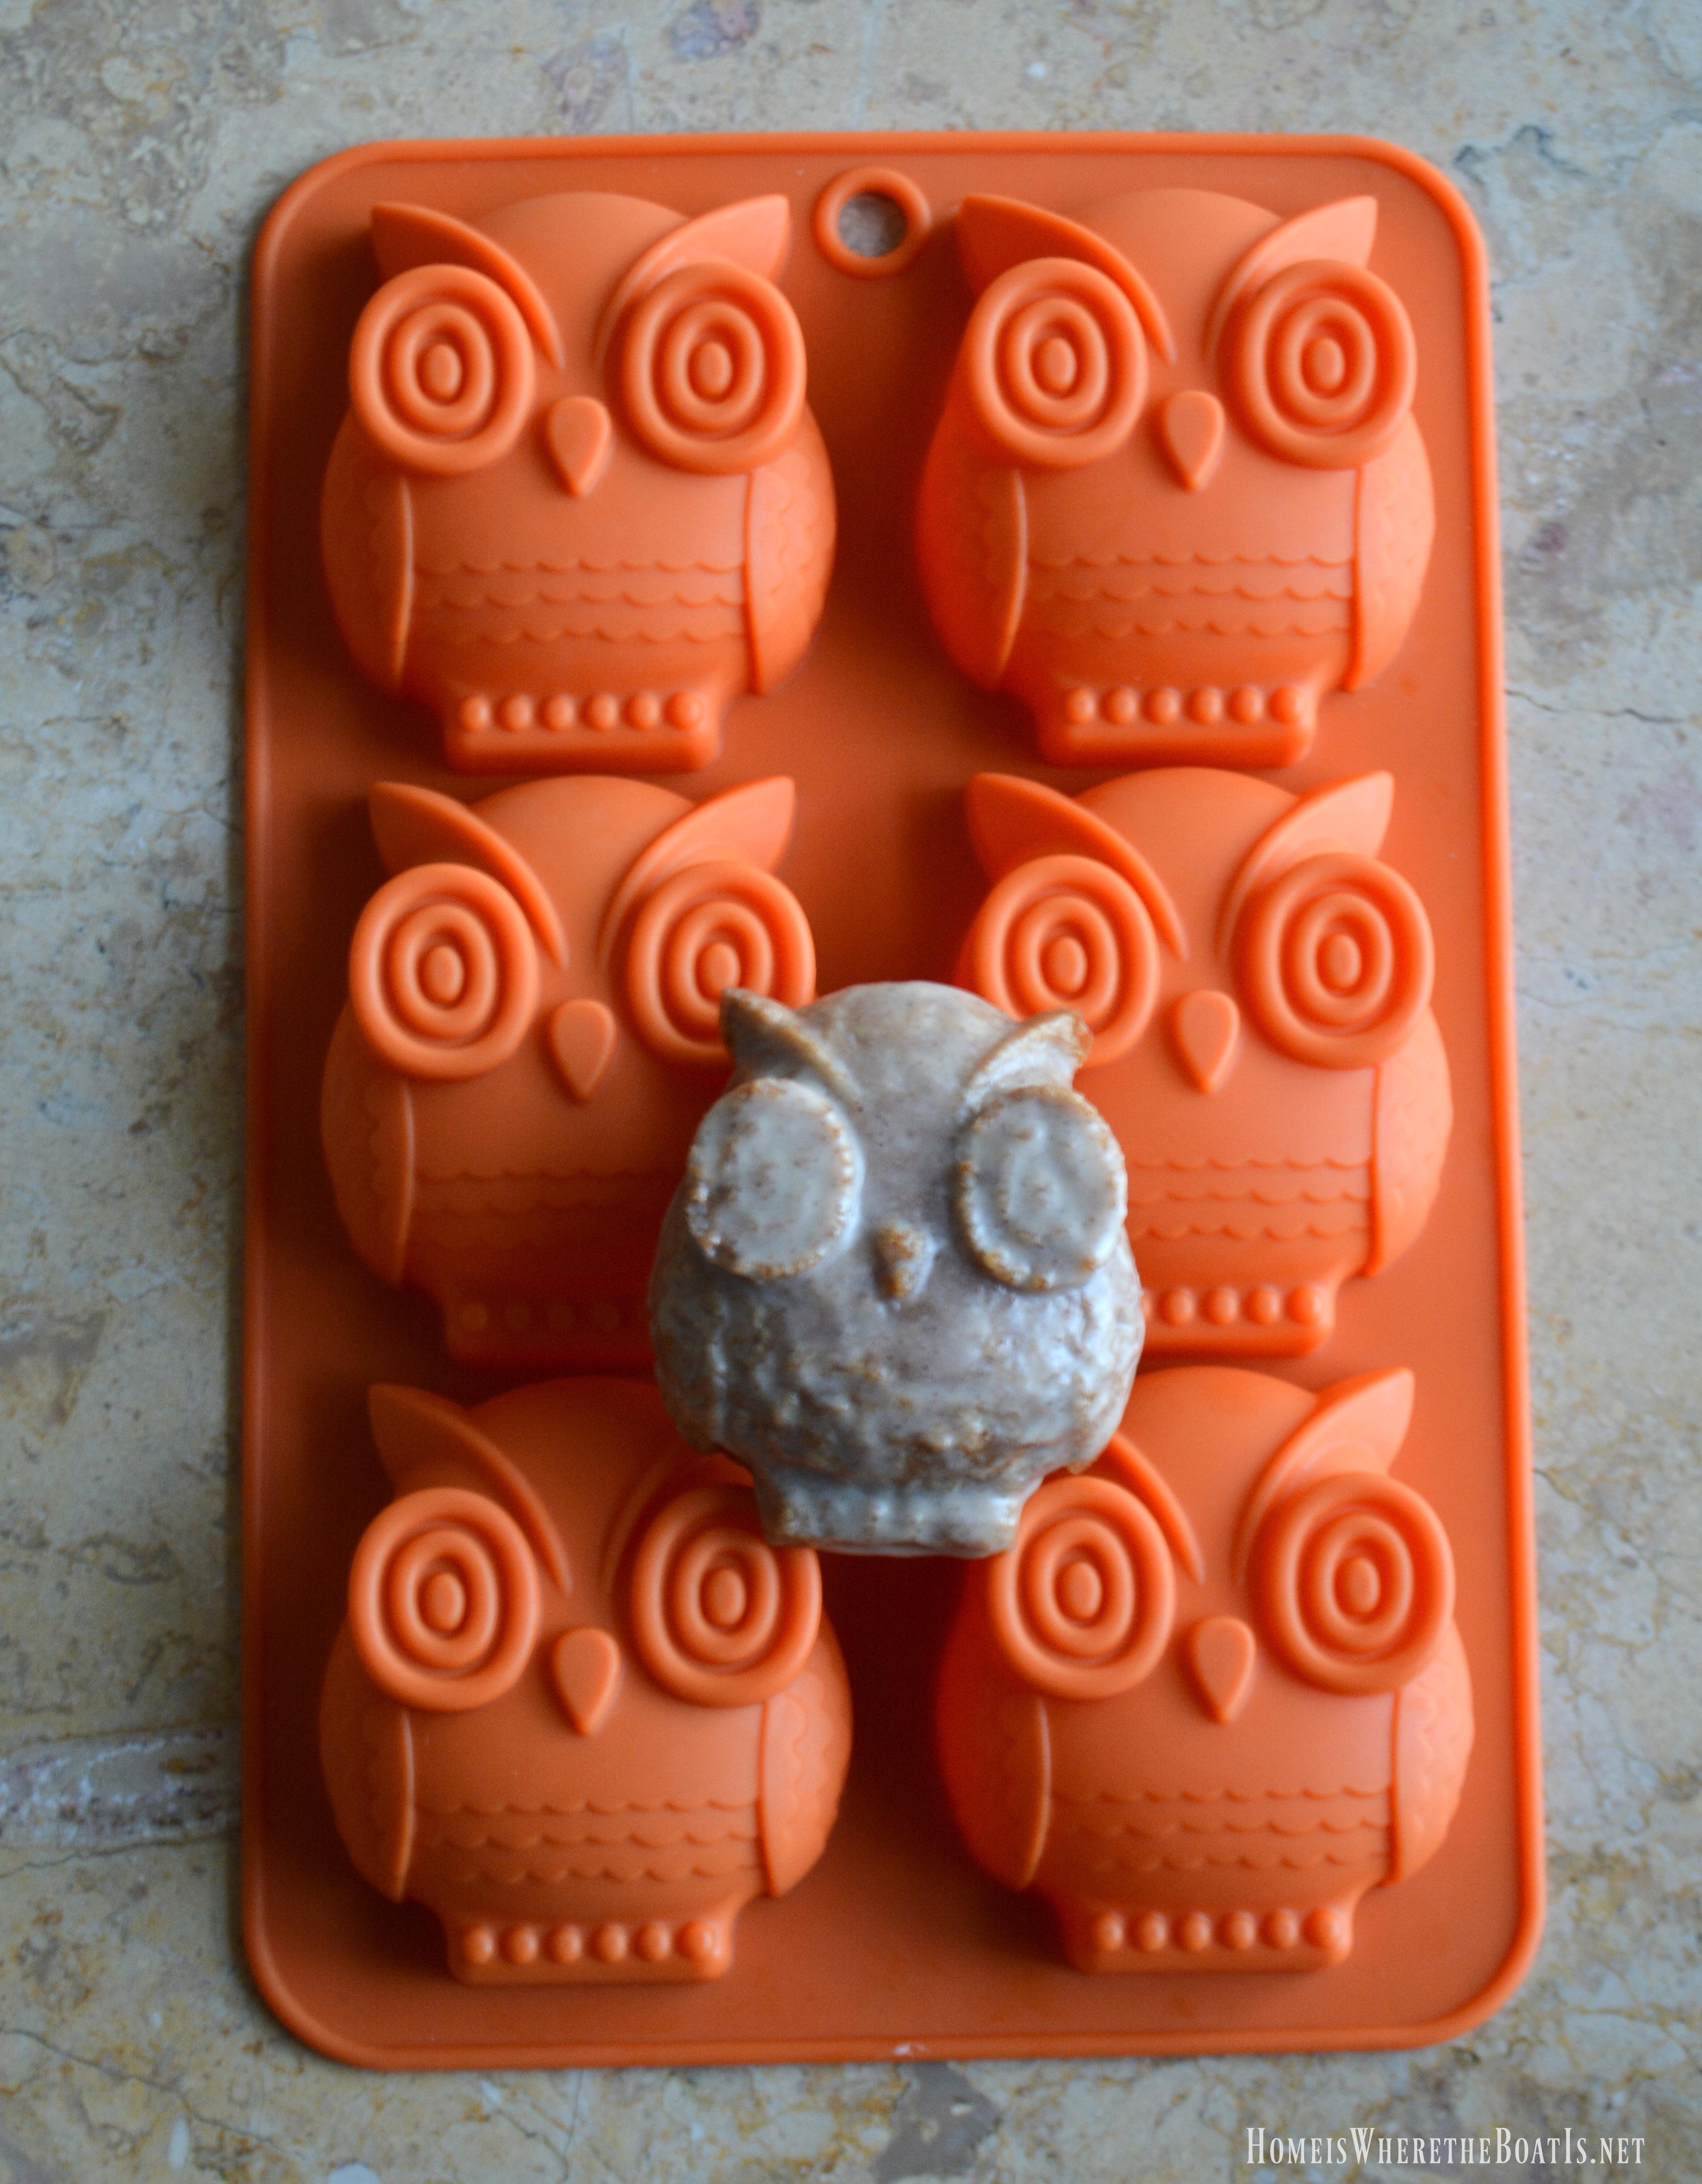 Owl cakelet pan recipes